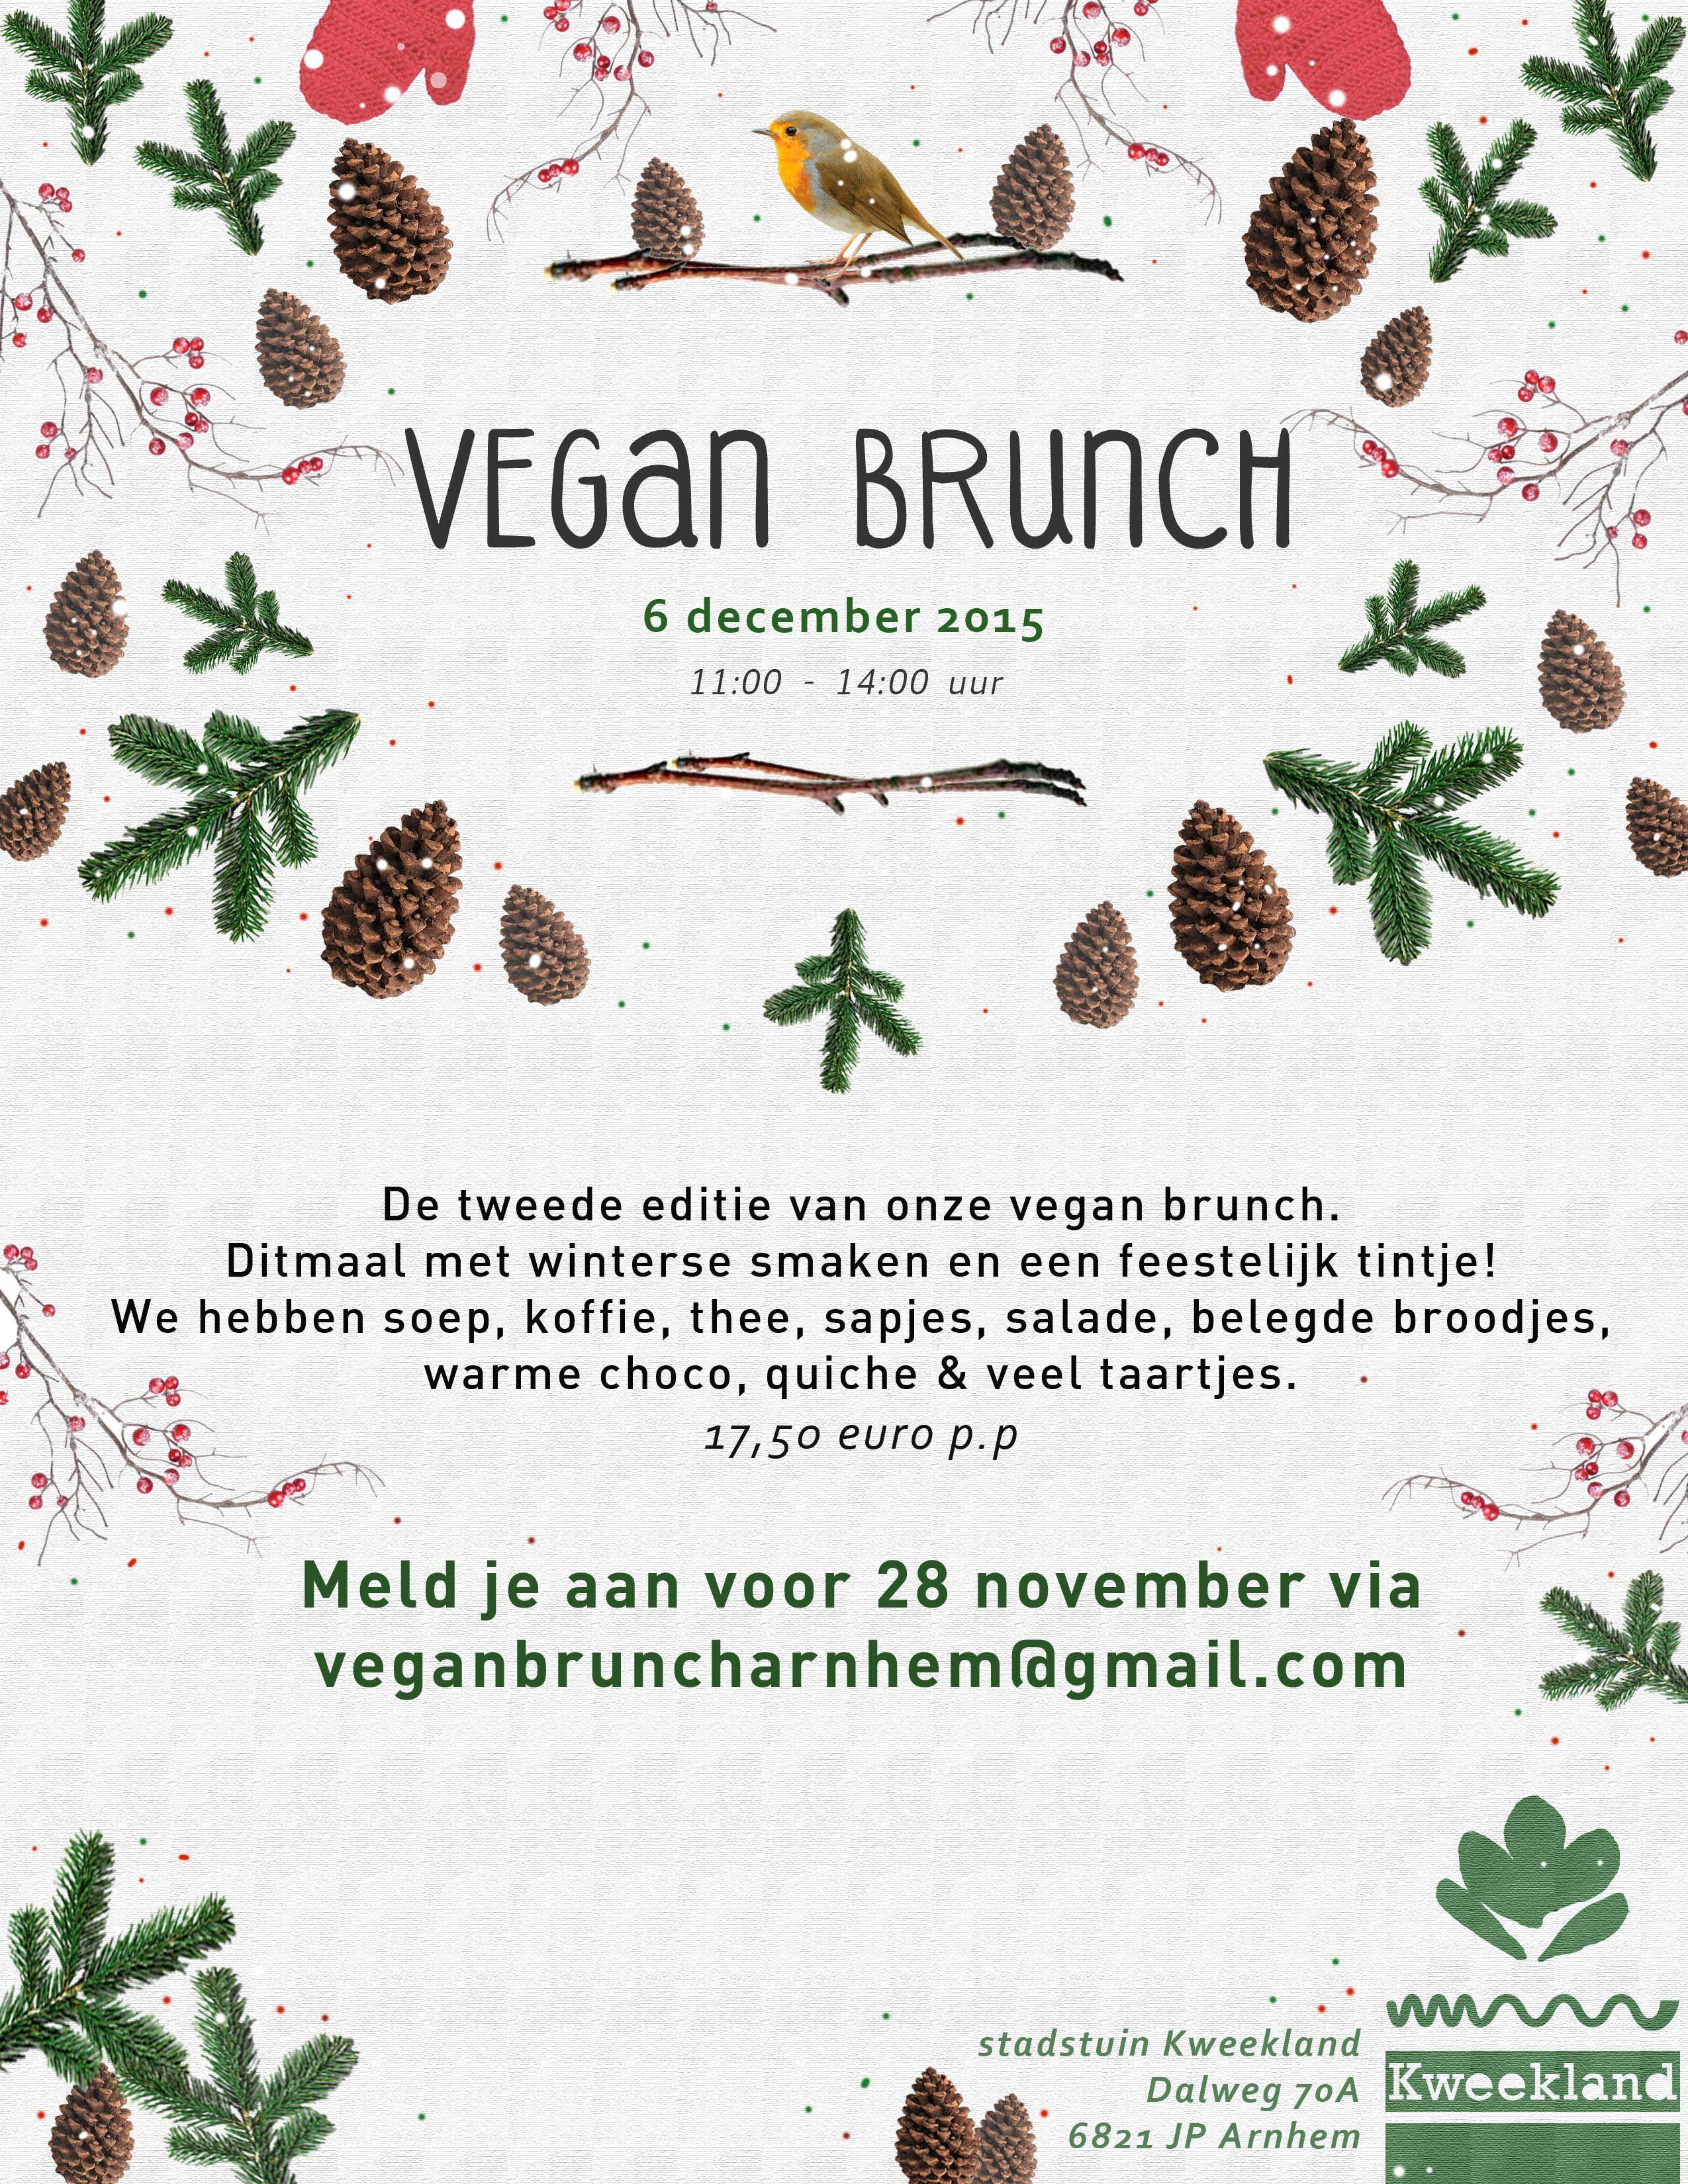 vegan brunch part deux | we vieren het toch